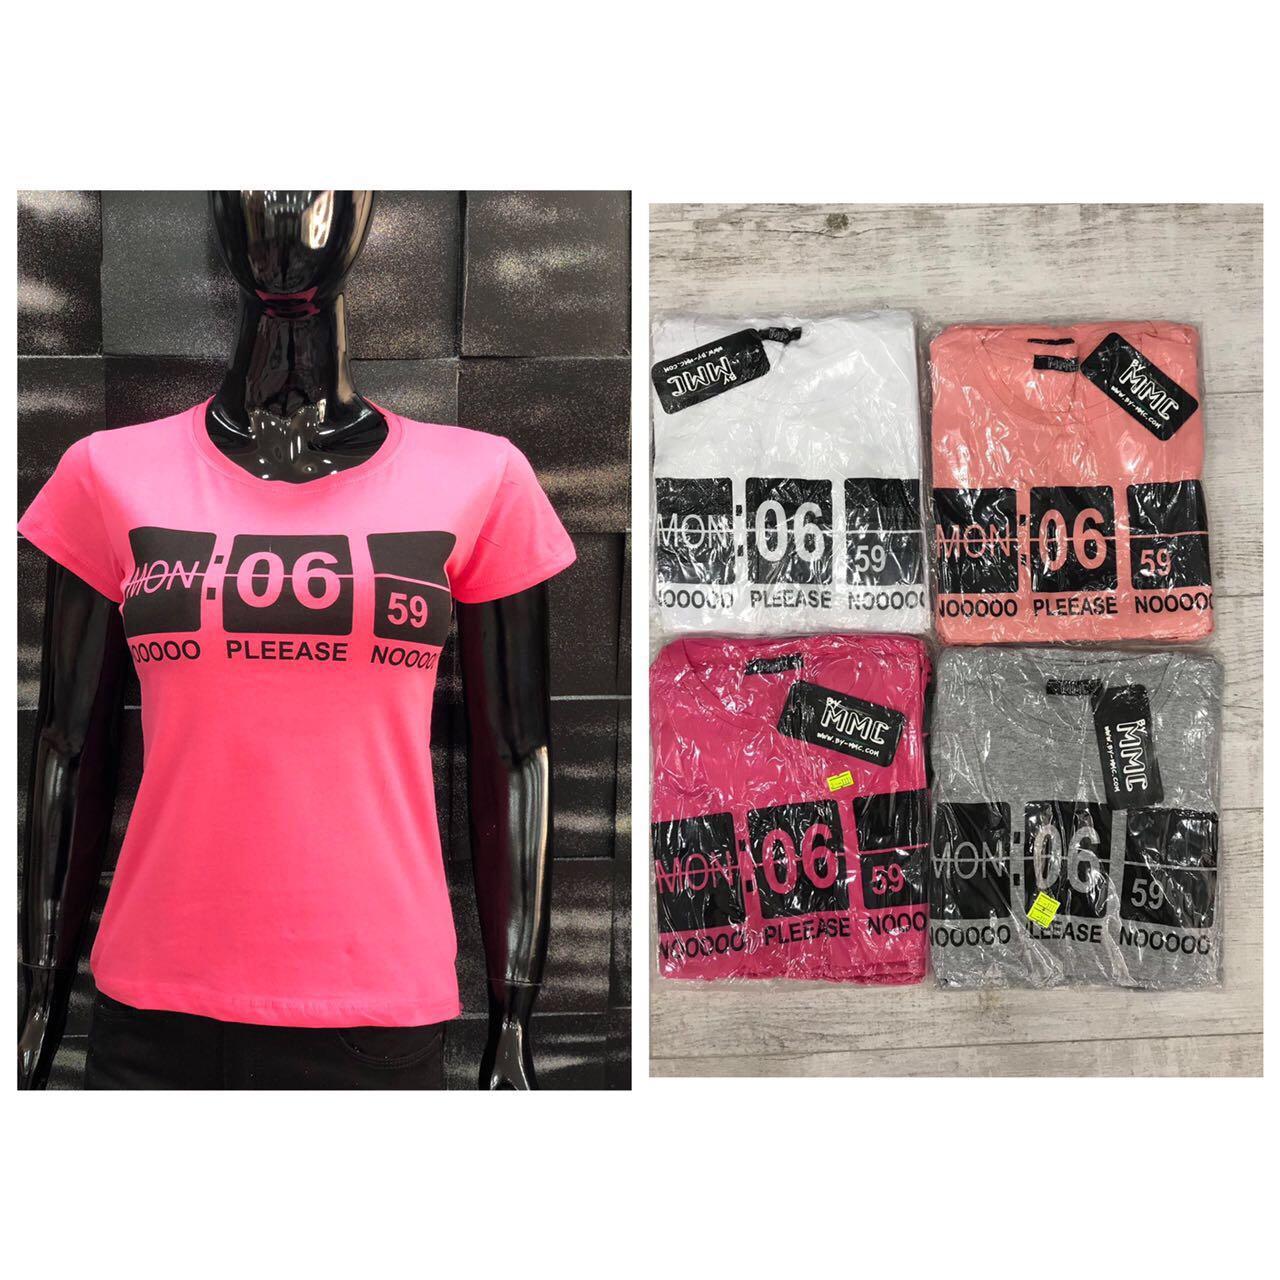 Футболка женская ММС. Ткань хлопок, размеры  S M L Xl. Супер вип классные футболочки Турция, качество 5+++